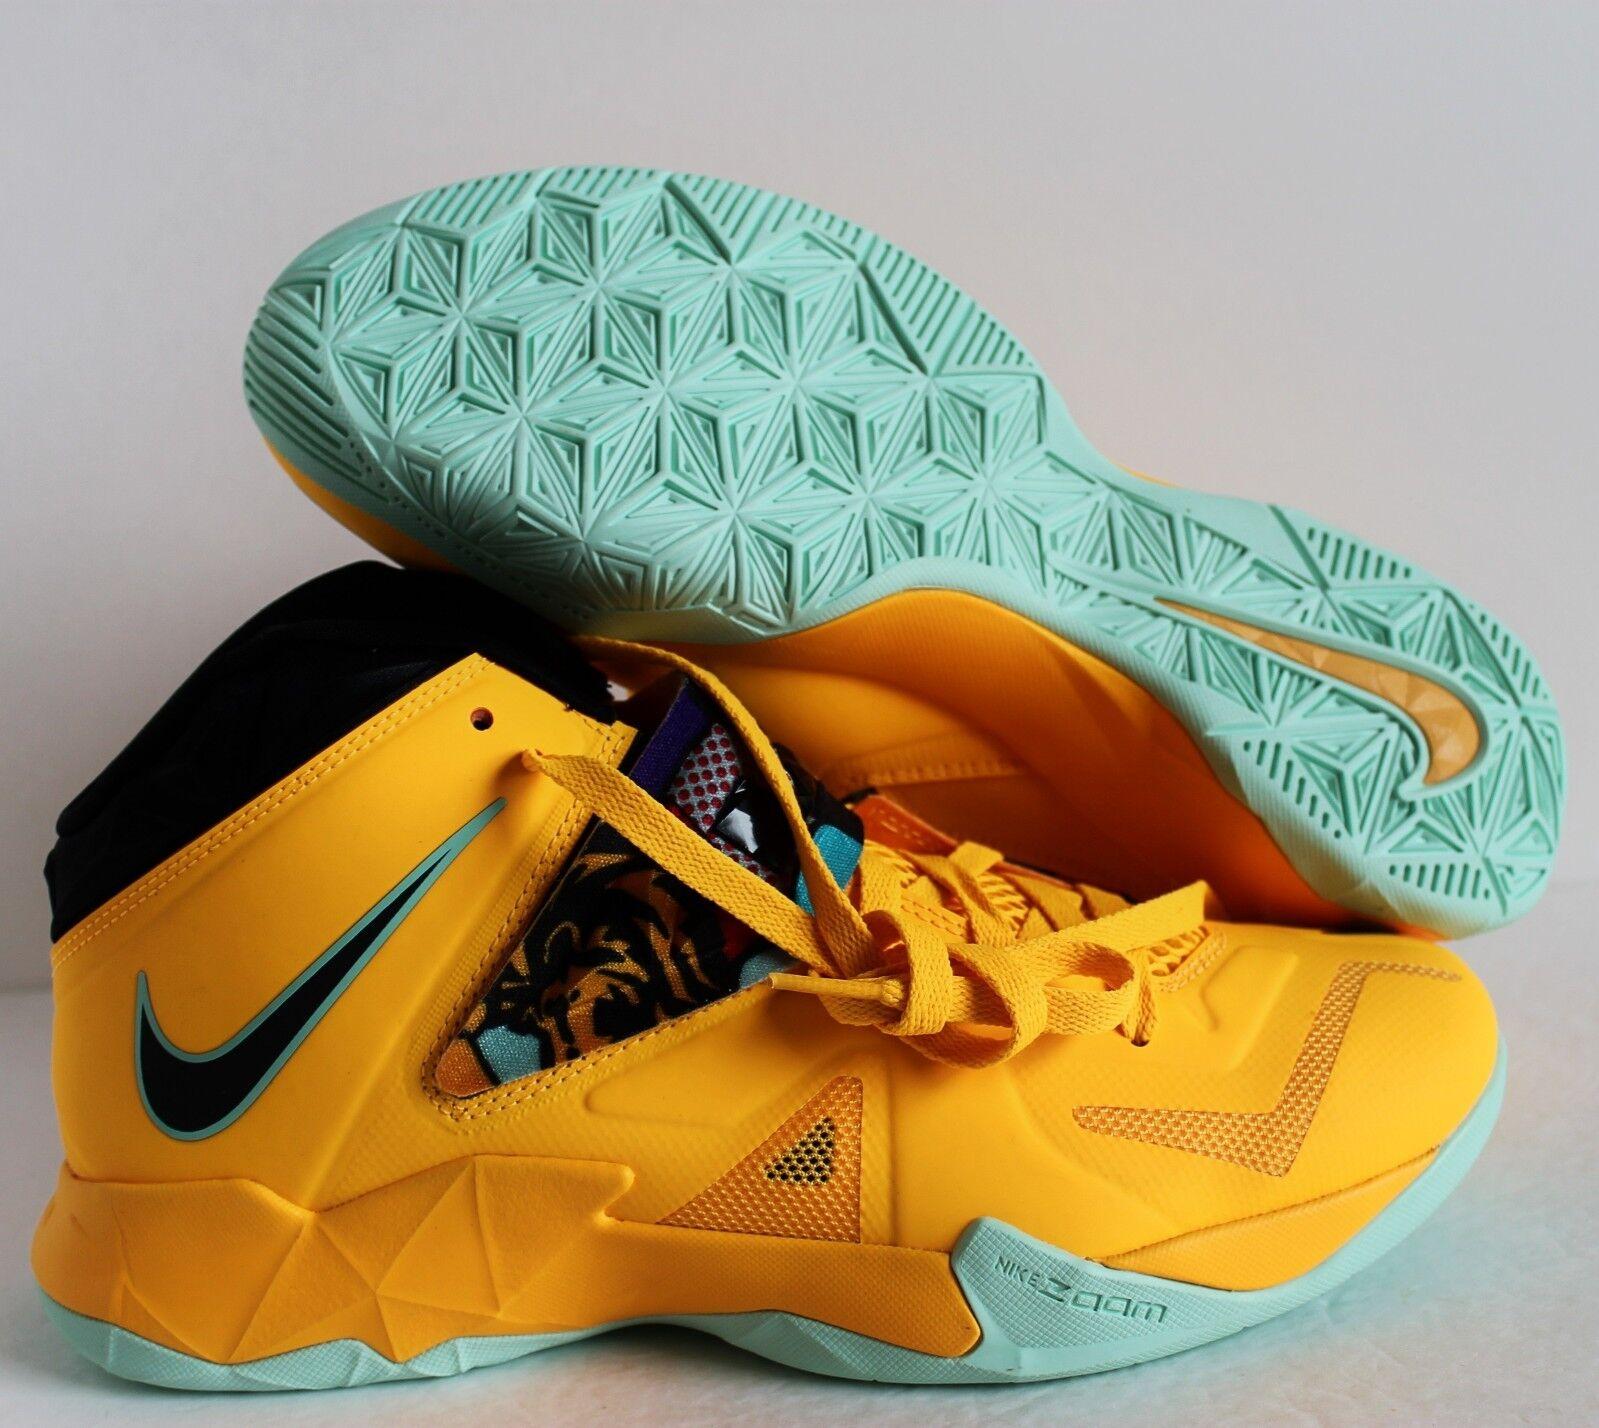 Nike Hombres NaranjaNegroPúrpura Zoom Soldier VII Láser NaranjaNegroPúrpura Hombres [599264800] a8b47d